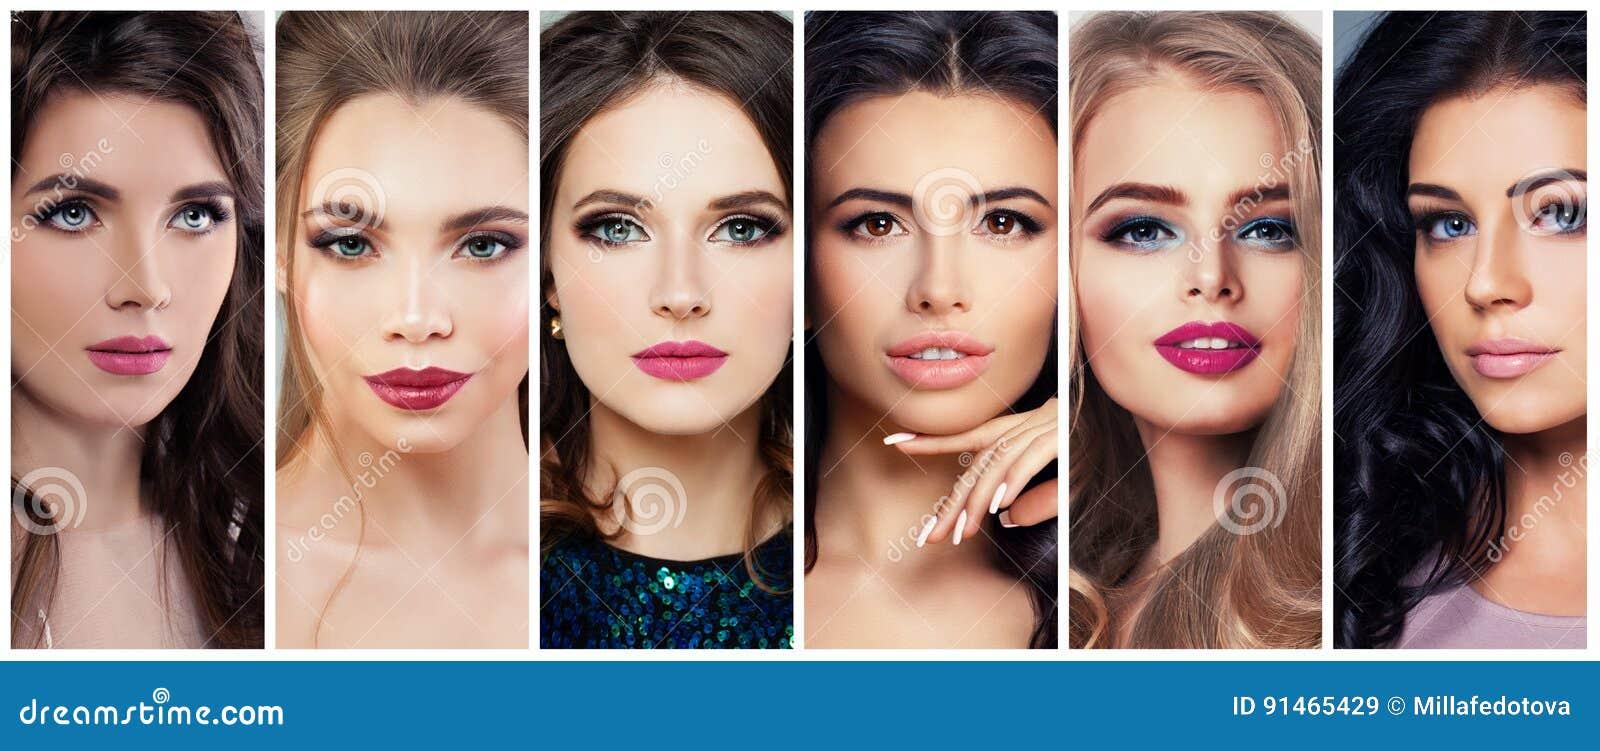 Piękne kobiety z Perfect Makeup Piękno kolaż, Śliczne twarze